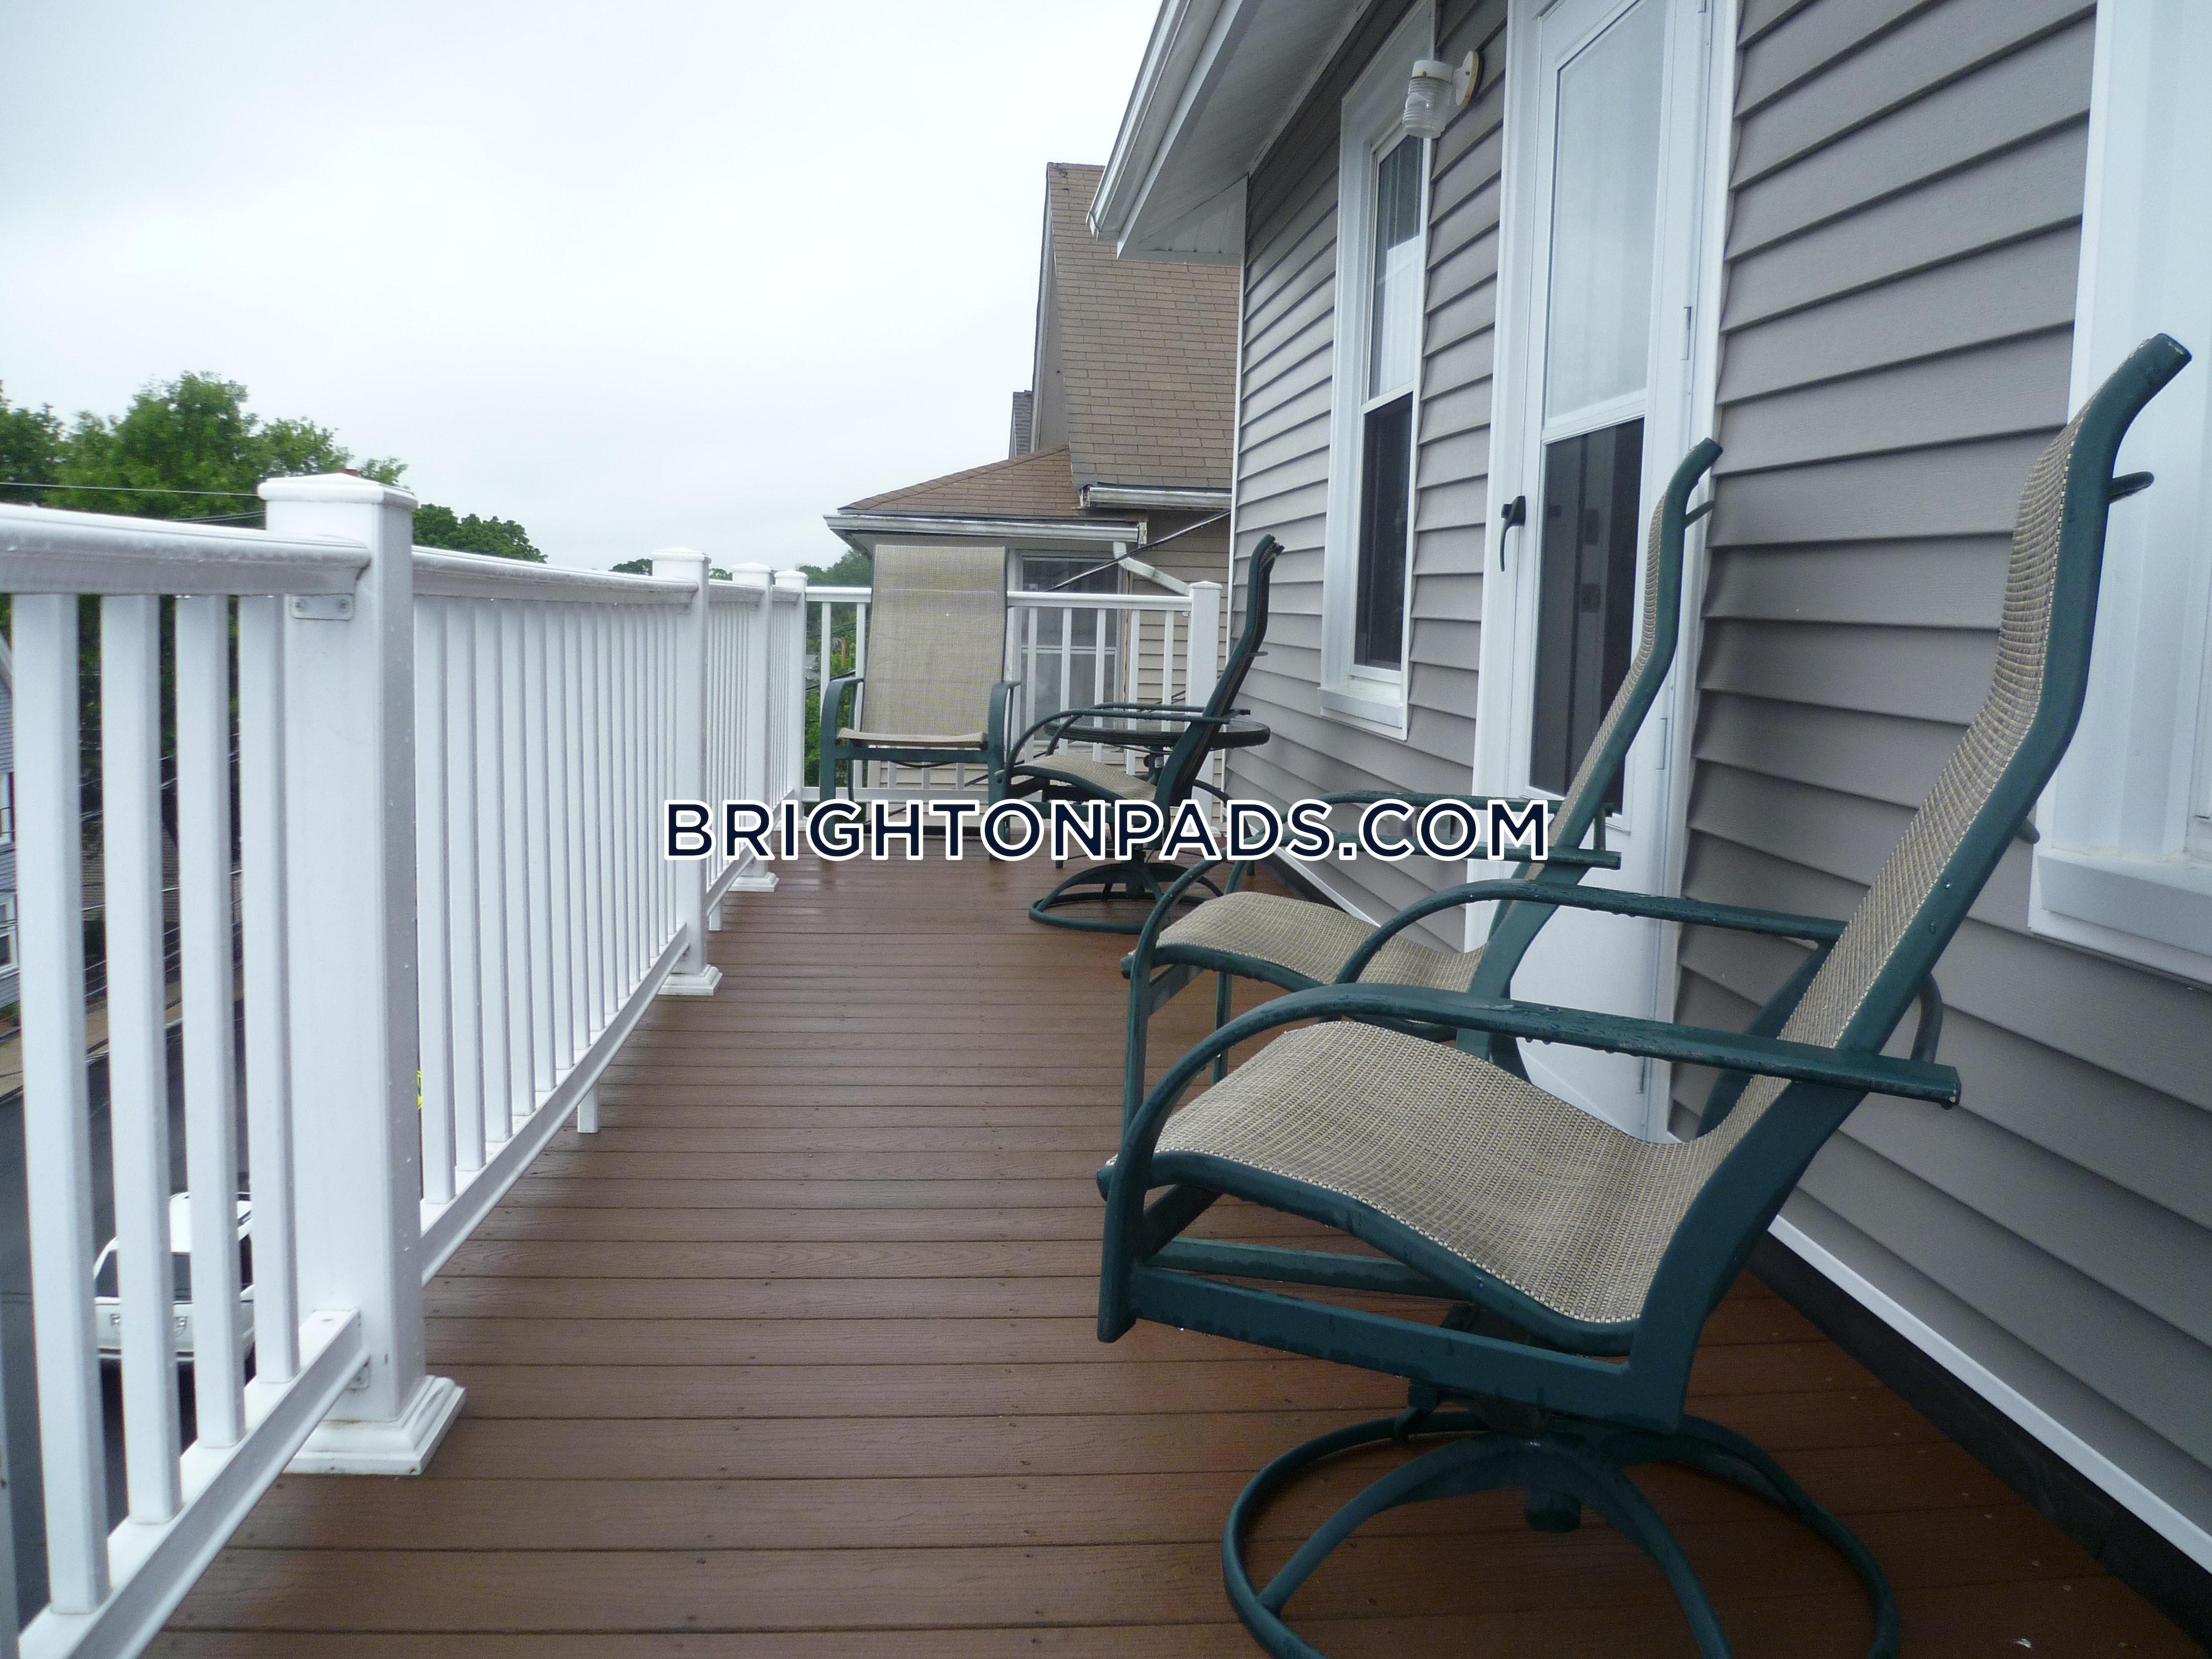 3 Bed Apartment for $2,900/mo in BOSTON - BRIGHTON - OAK